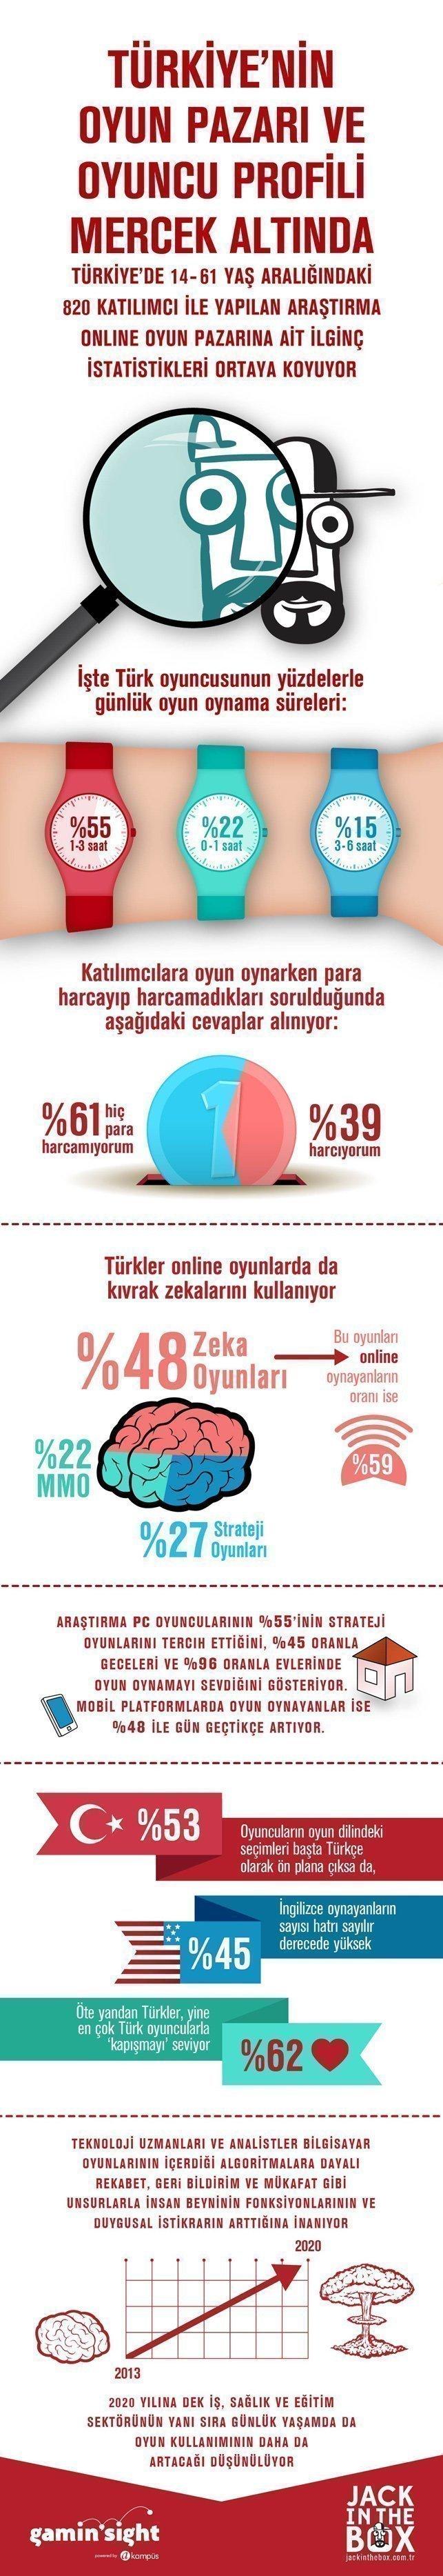 online oyuncular